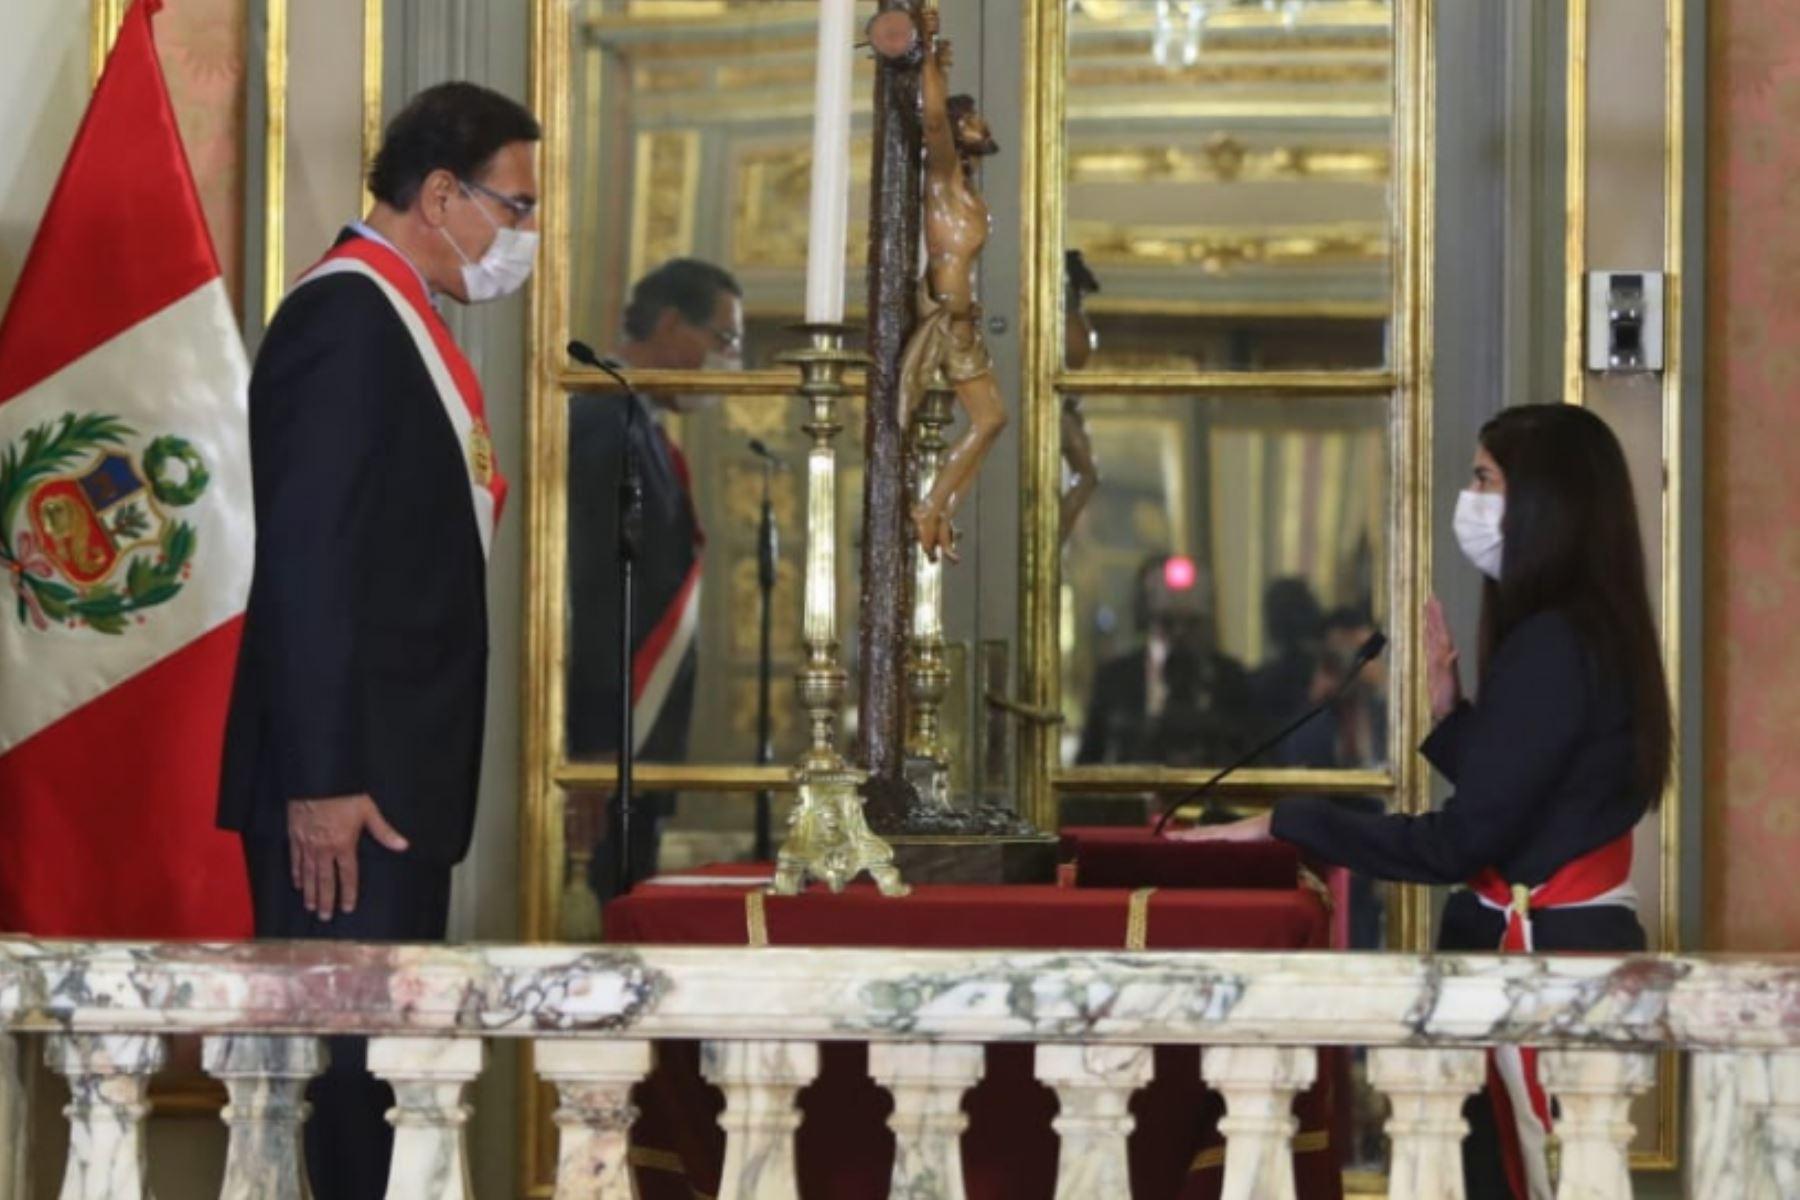 El presidente de la República, Martín Vizcarra, toma juramento a  María Antonieta Alva como ministra de Economía  Foto: ANDINA/ Prensa Presidencia